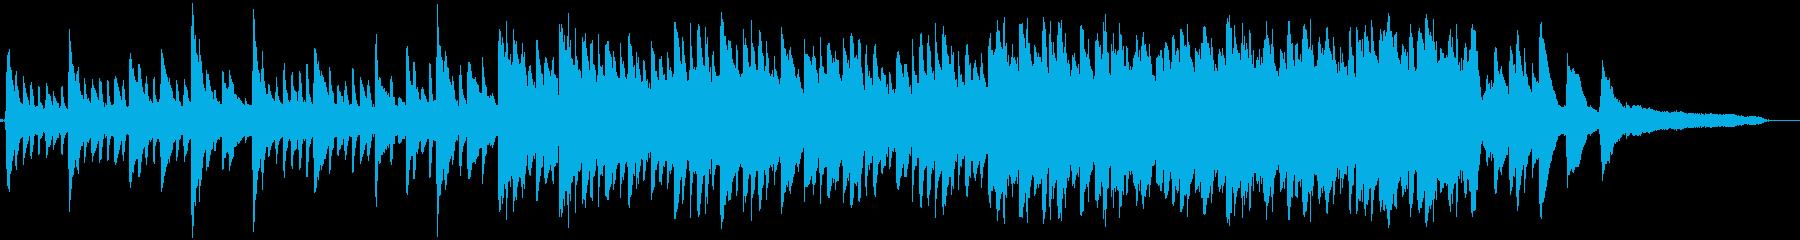 クリアな水と月をイメージしたピアノ曲の再生済みの波形